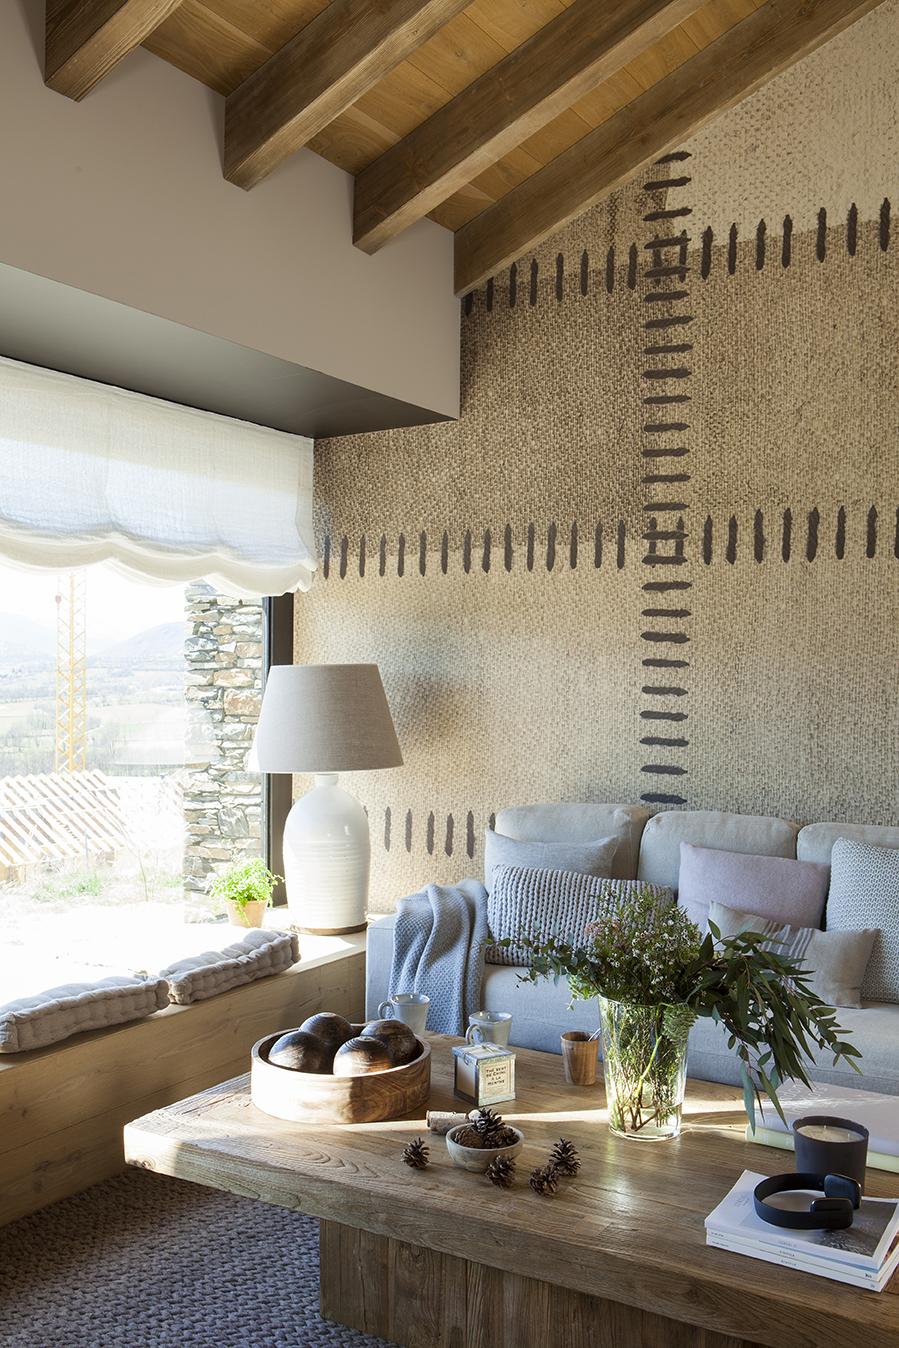 Revestimientos tipos ventajas y desventajas for Tipos de piedras para paredes exteriores